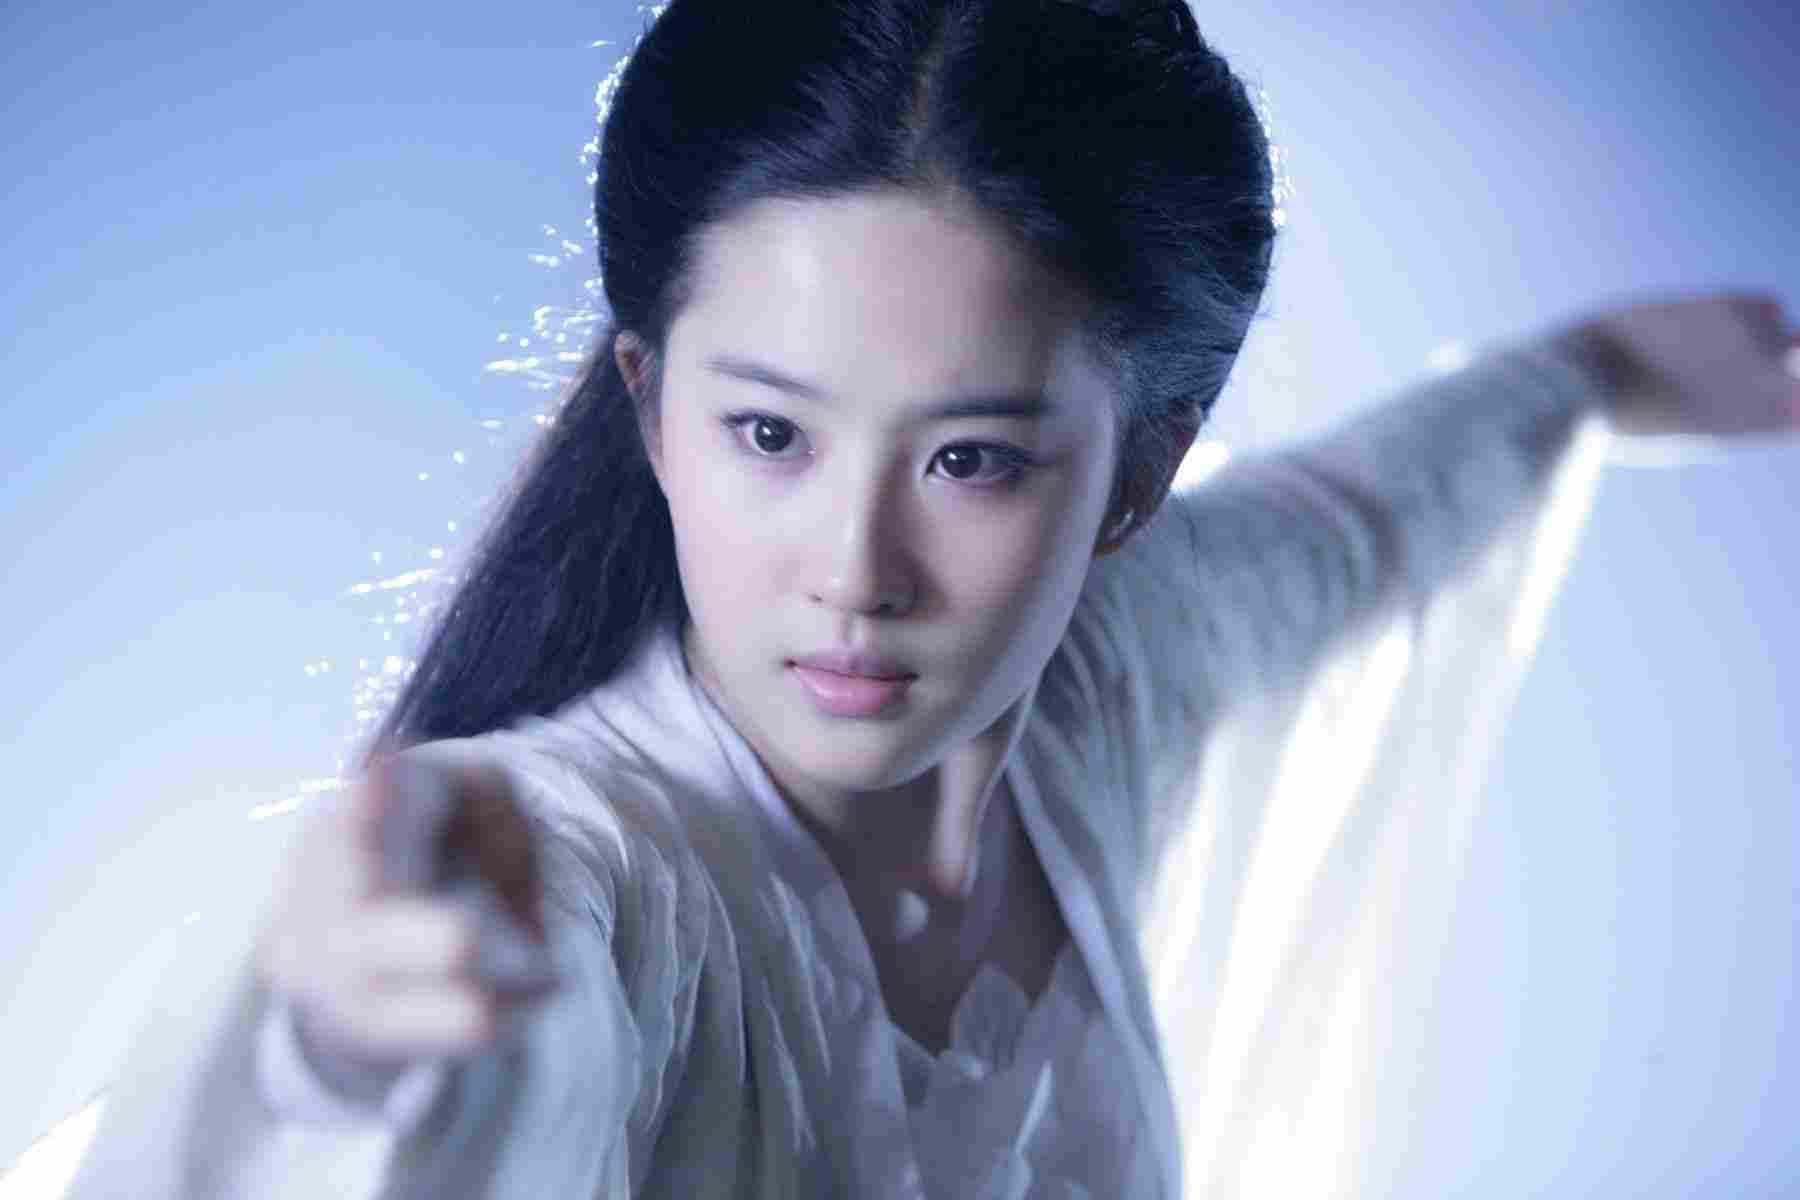 刘亦菲老公是谁及个人资料简介